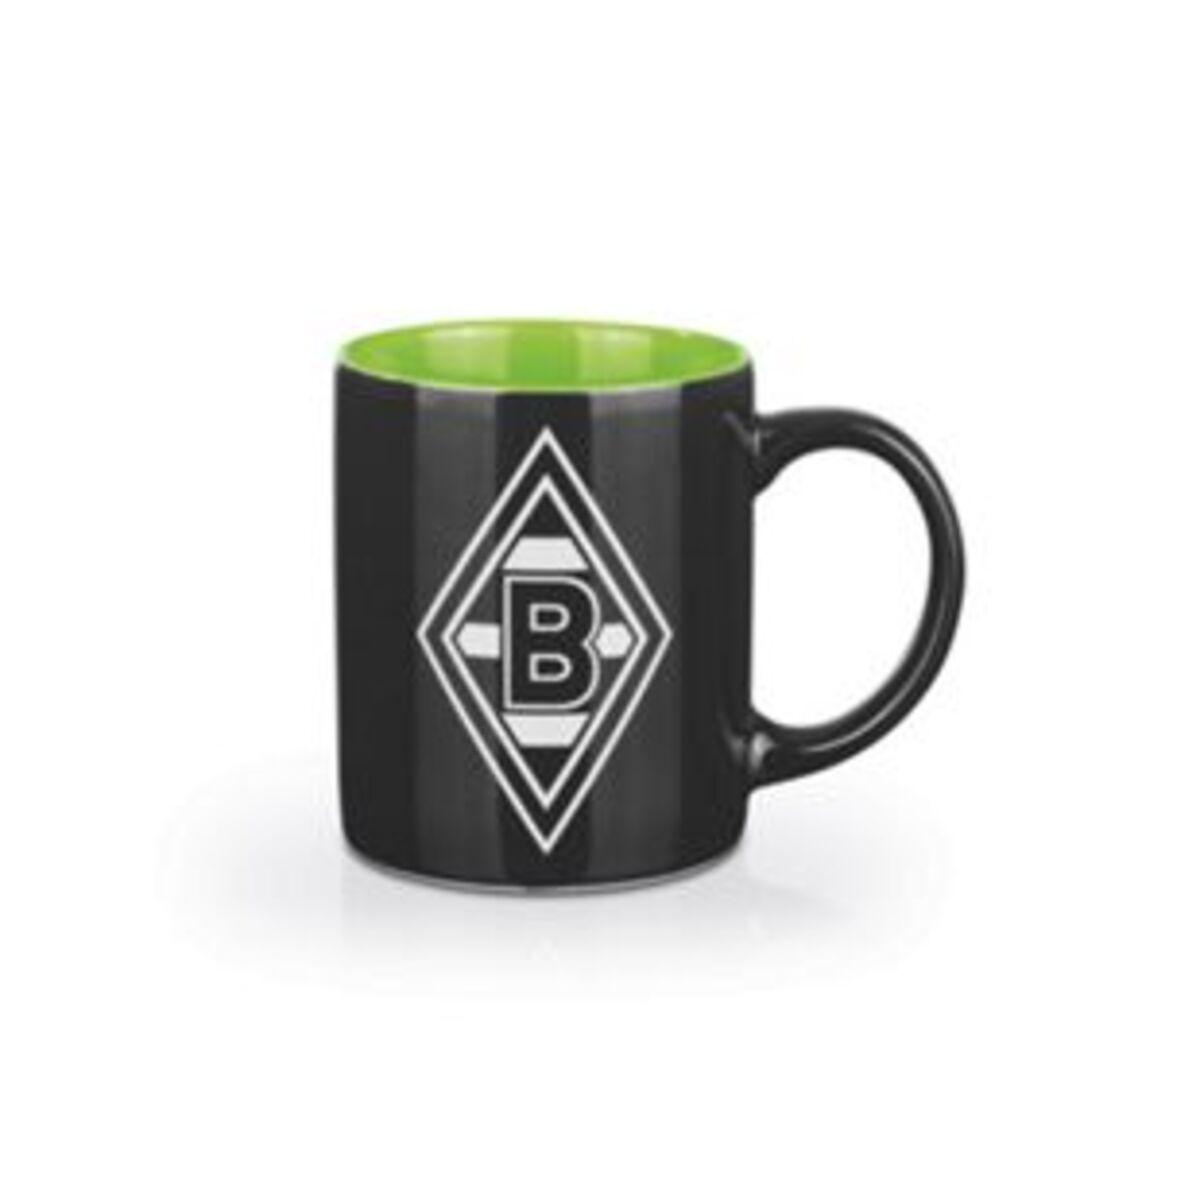 Bild 2 von BMG Kaffeebecher 350ml schwarz/weiß/grün mit Logo